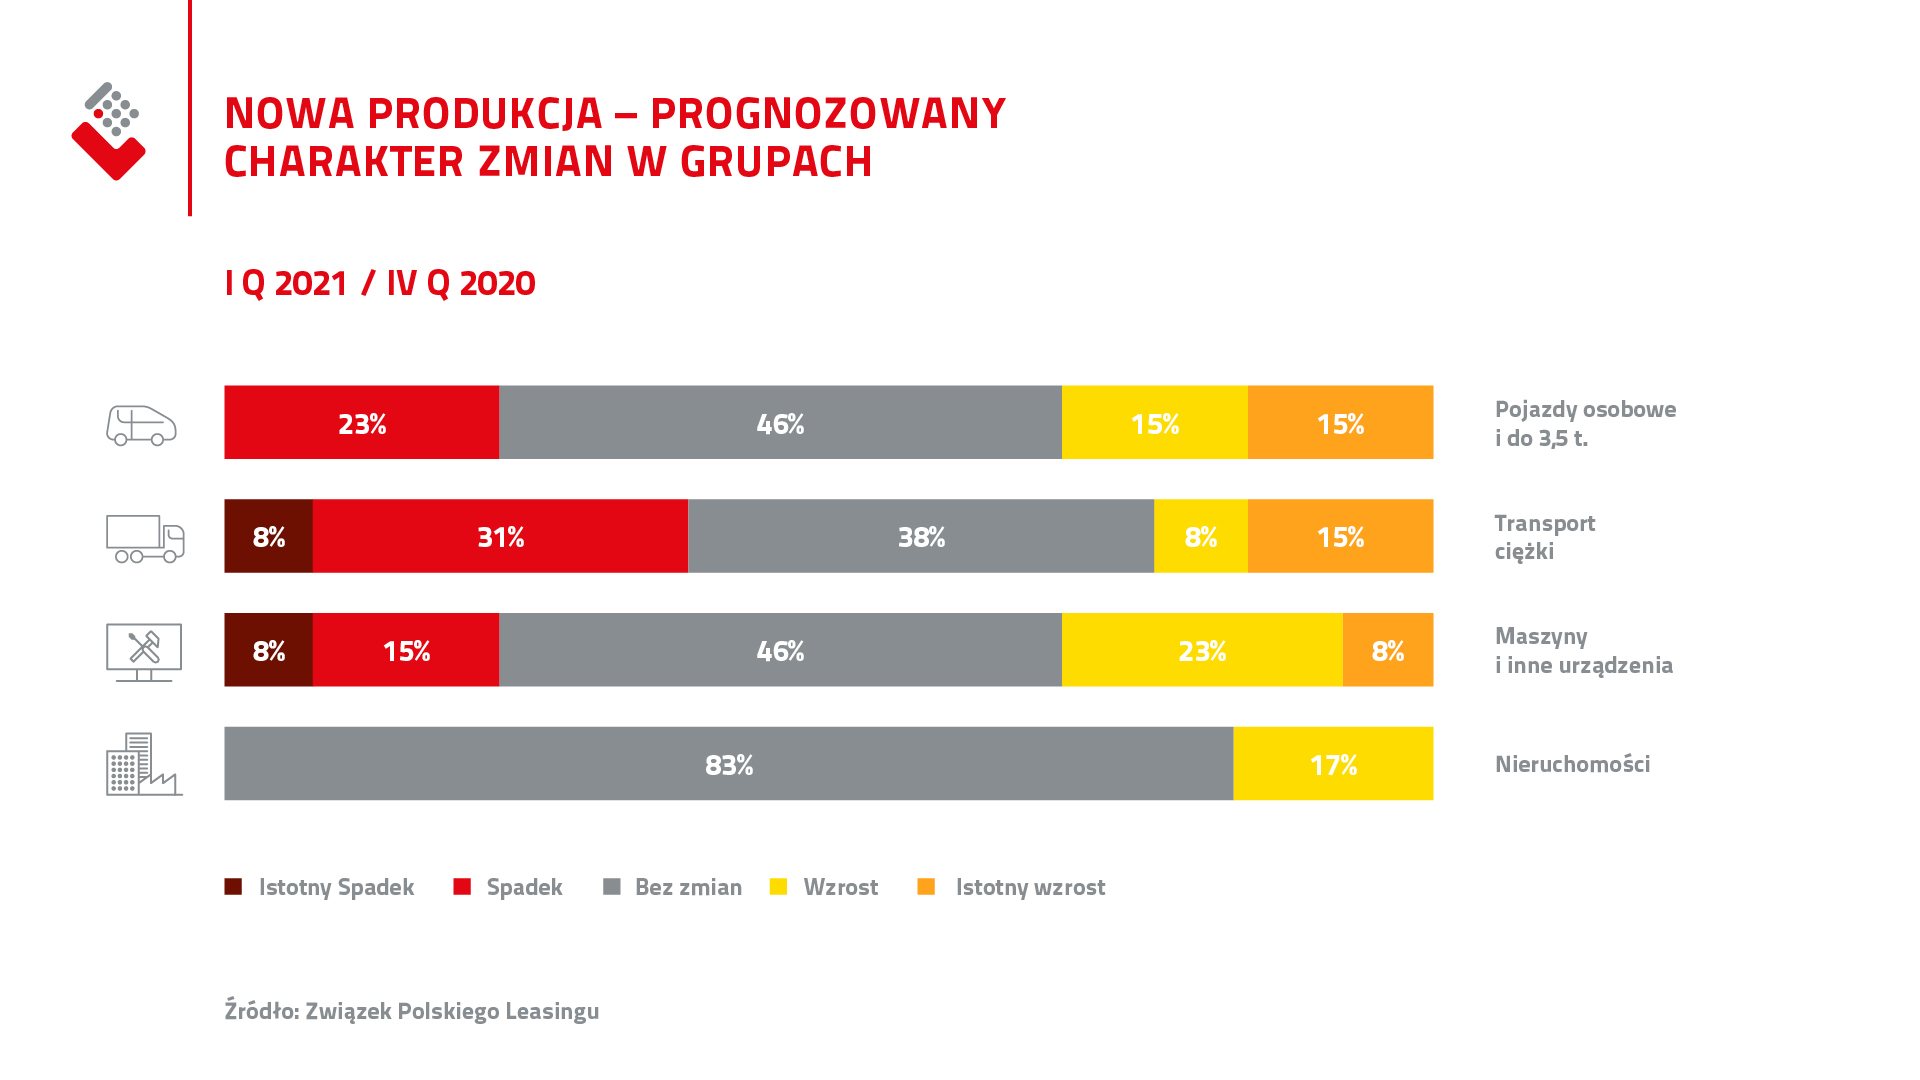 ZPL_koniunktura_nowa produkcja_2020